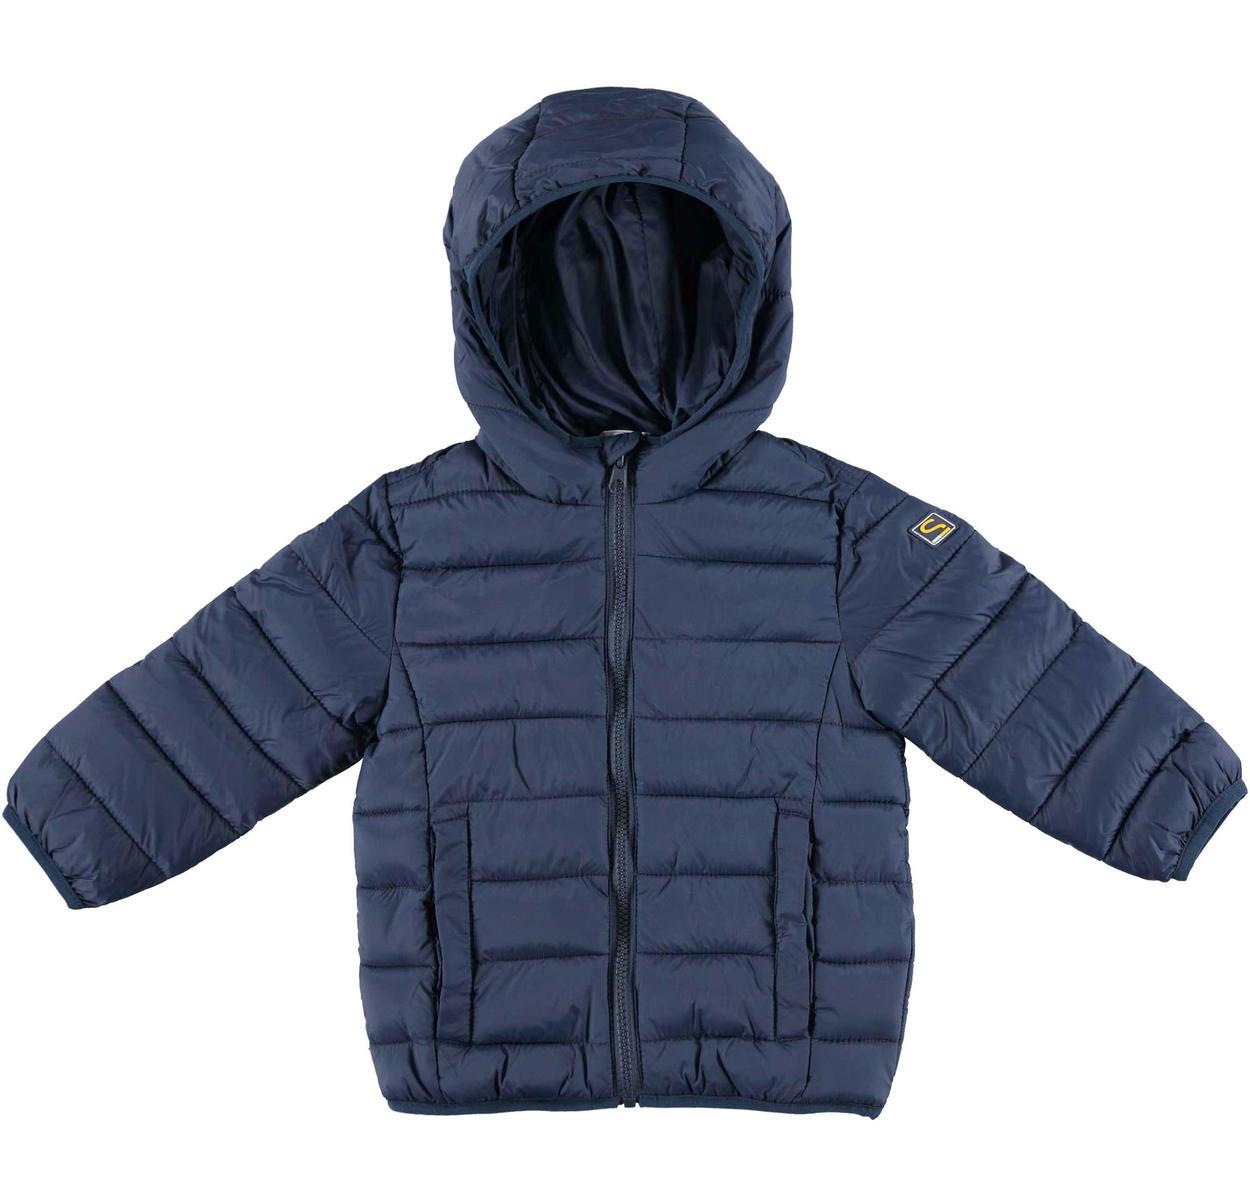 8b4d57ef030f Piumino modello 100 grammi in ovatta con cappuccio per bambino da 6 mesi a  7 anni